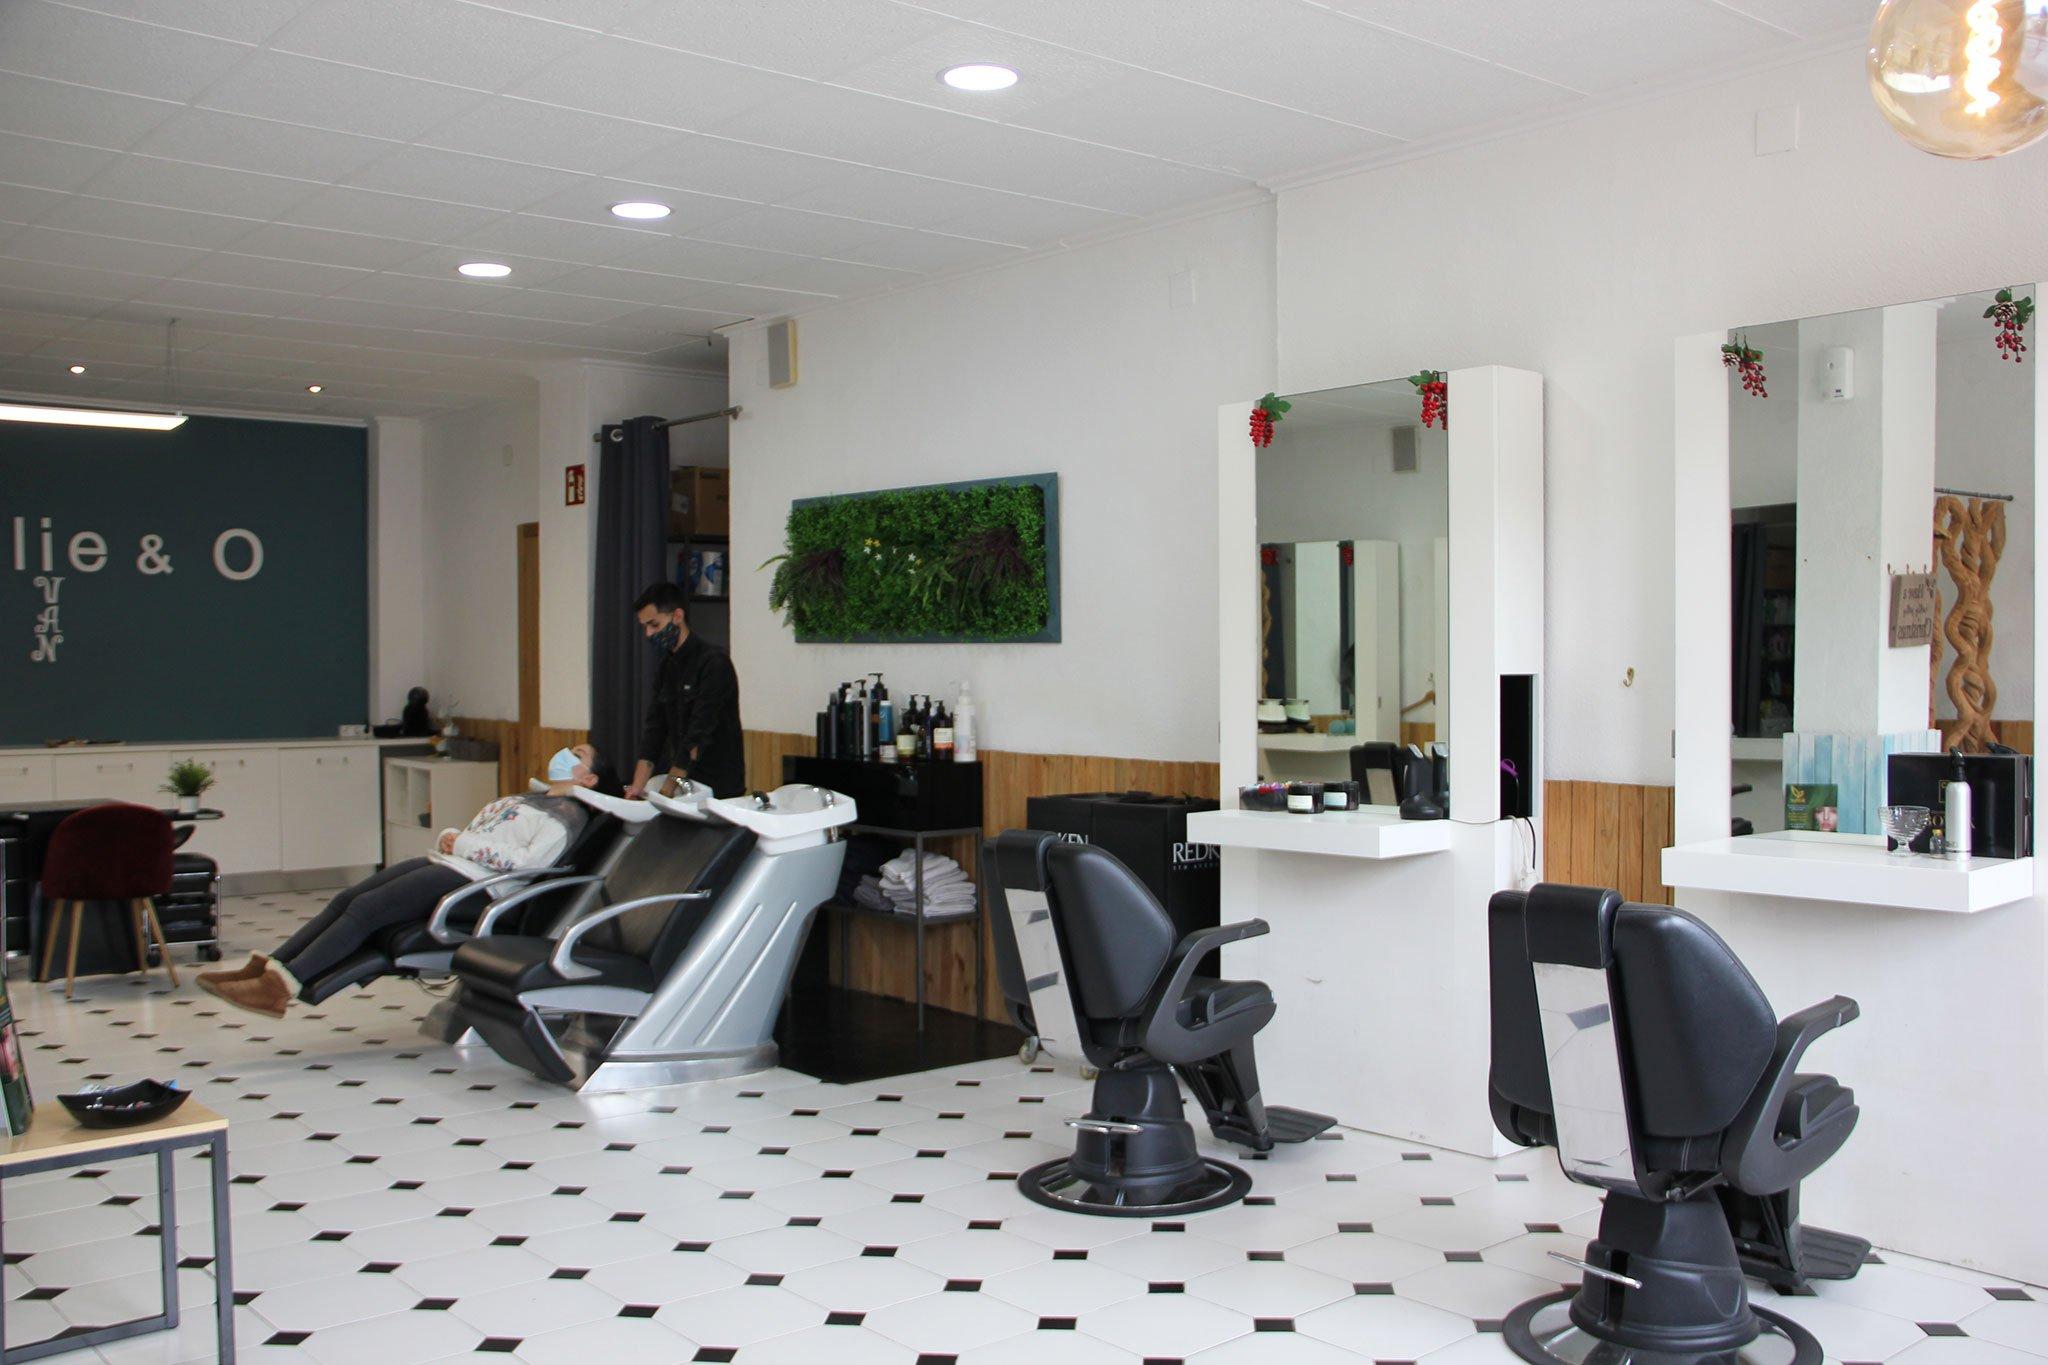 Vista general de una peluquería en Jávea – Charlie & O